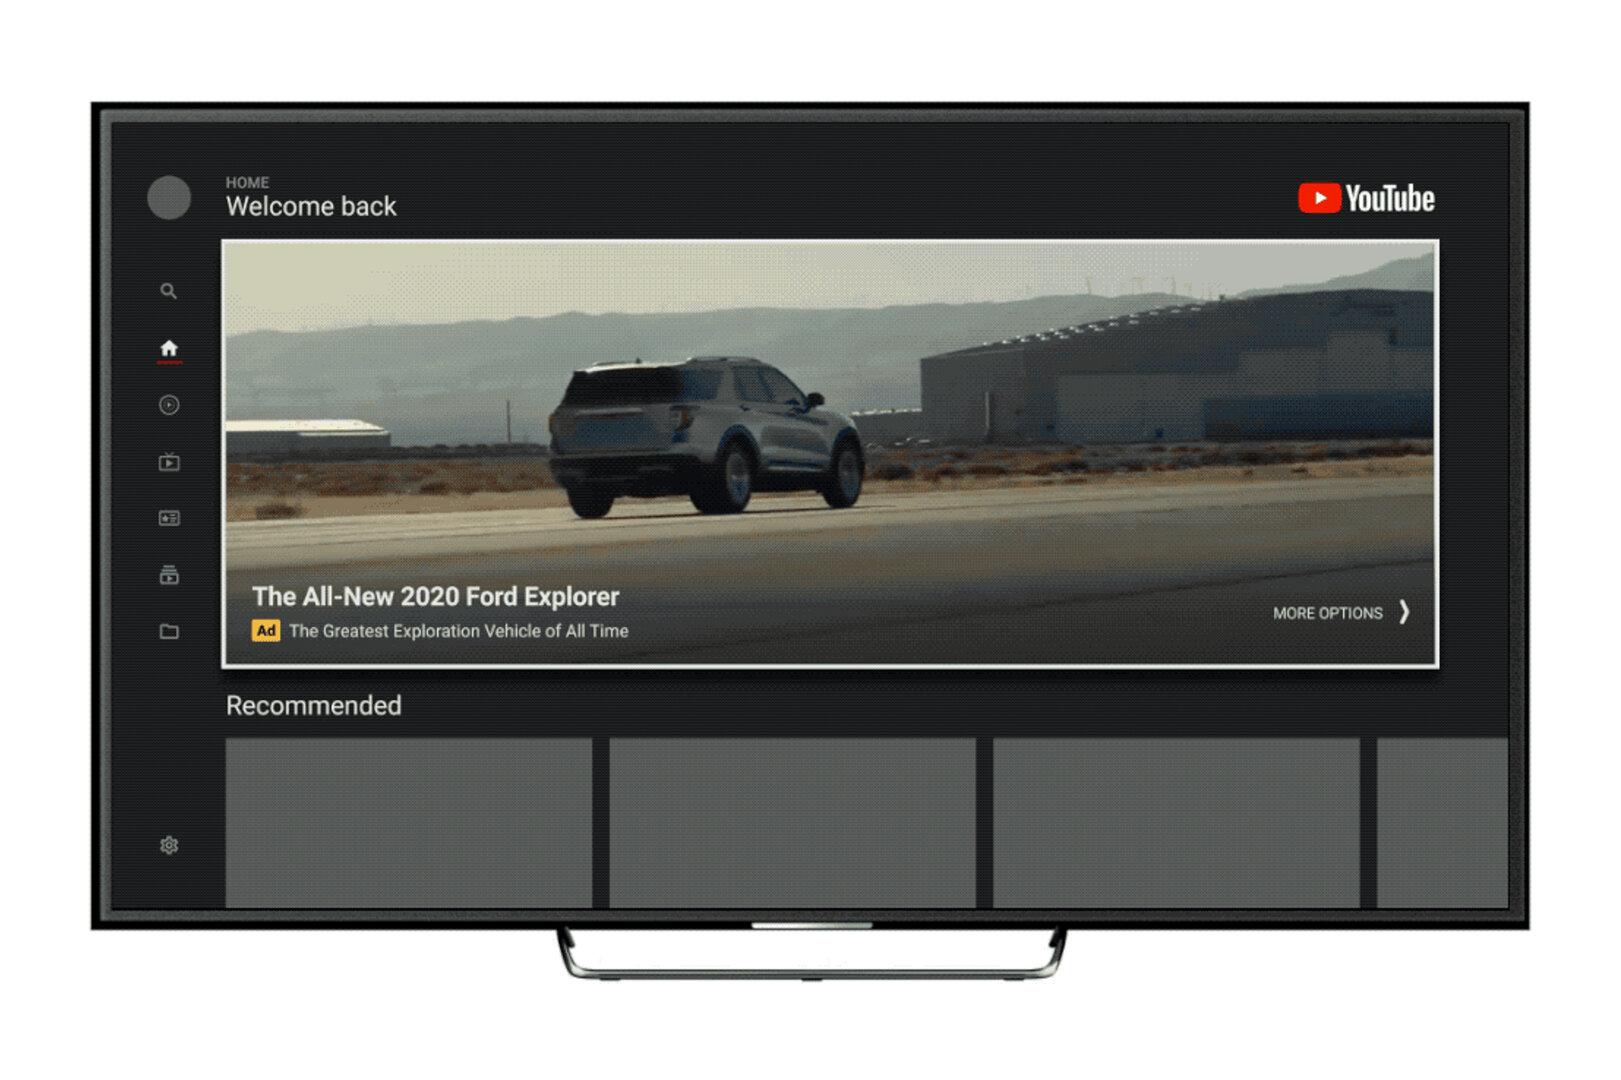 Masthead-Werbebanner für YouTube auf Fernsehern